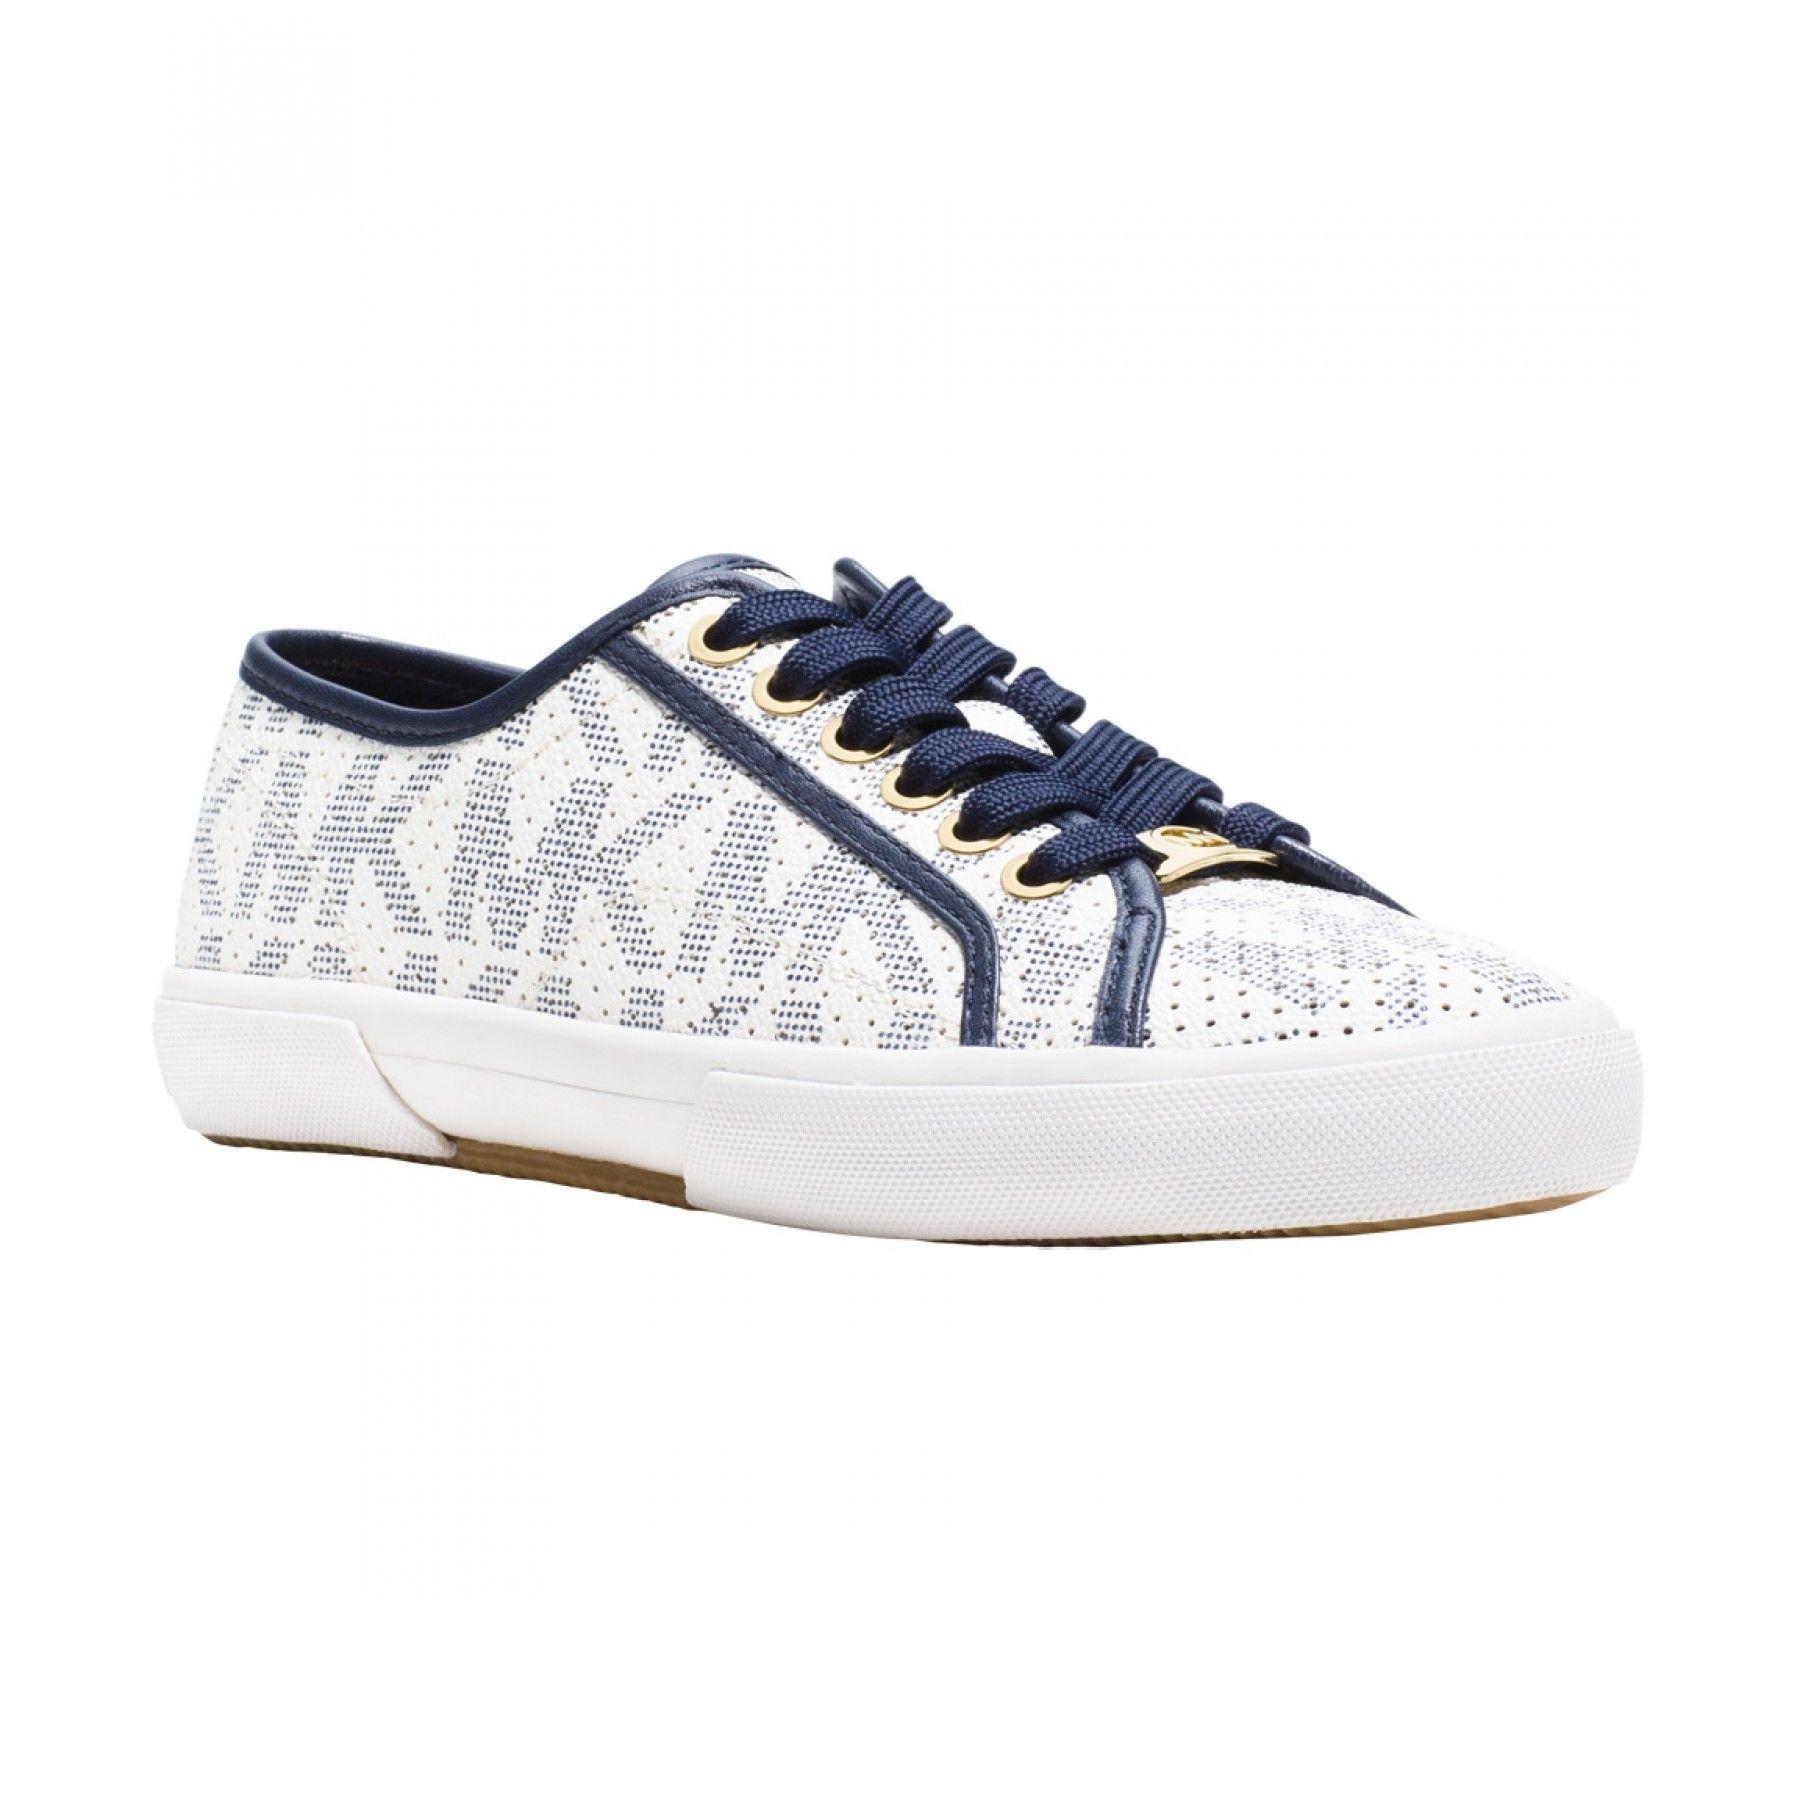 cd0194222f5 Michael Michael Kors Tenis - El Palacio de Hierro | Shoes en 2019 ...